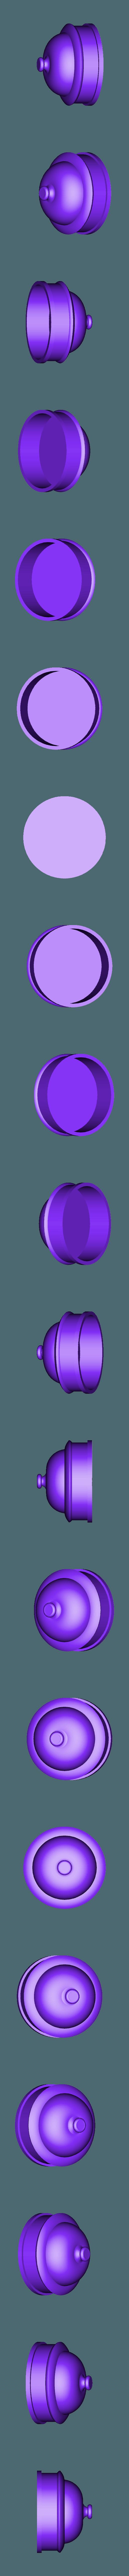 ÜST KAPAK STL.stl Download free STL file Coffee Cup • 3D printing template, Soulmate